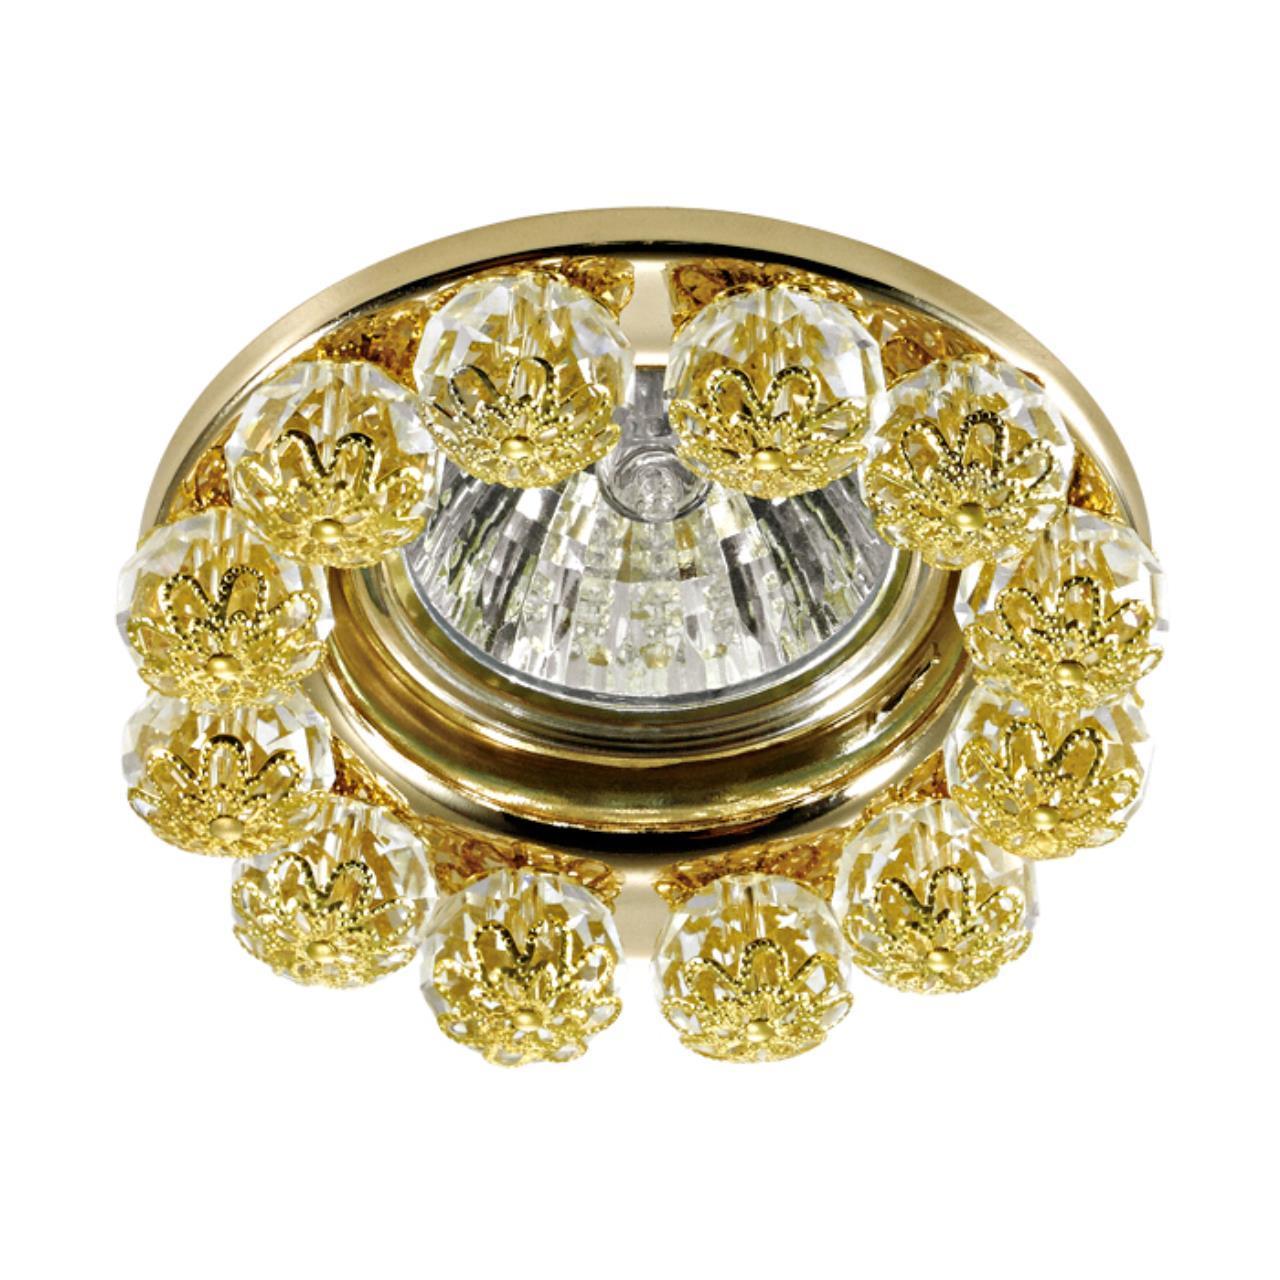 370226 SPOT NT16 123 золото Встраиваемый декоративный светильник IP20 GX5.3 50W 12V MALINY